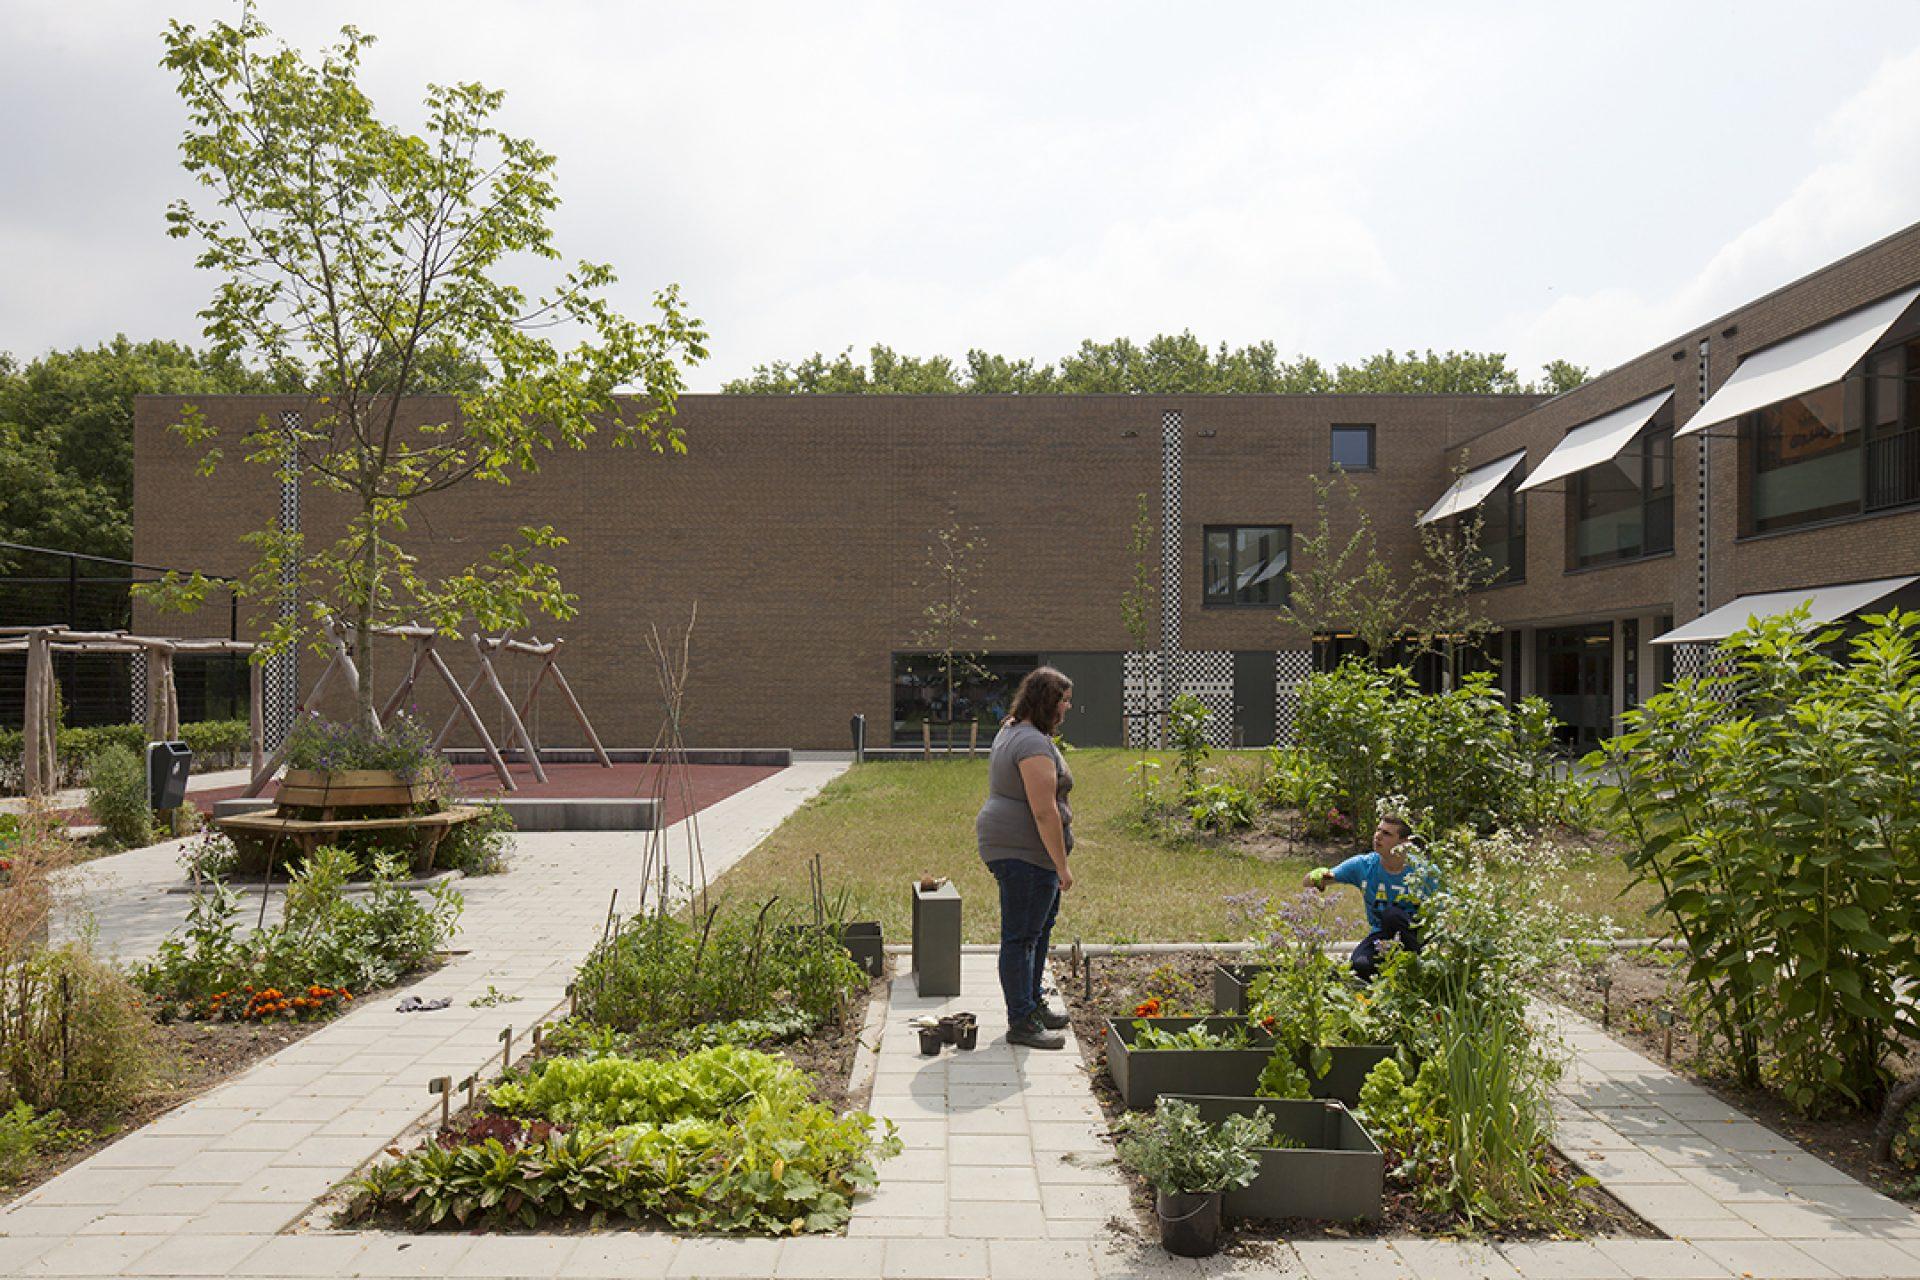 Aj Schreuderschool tuin favoriet